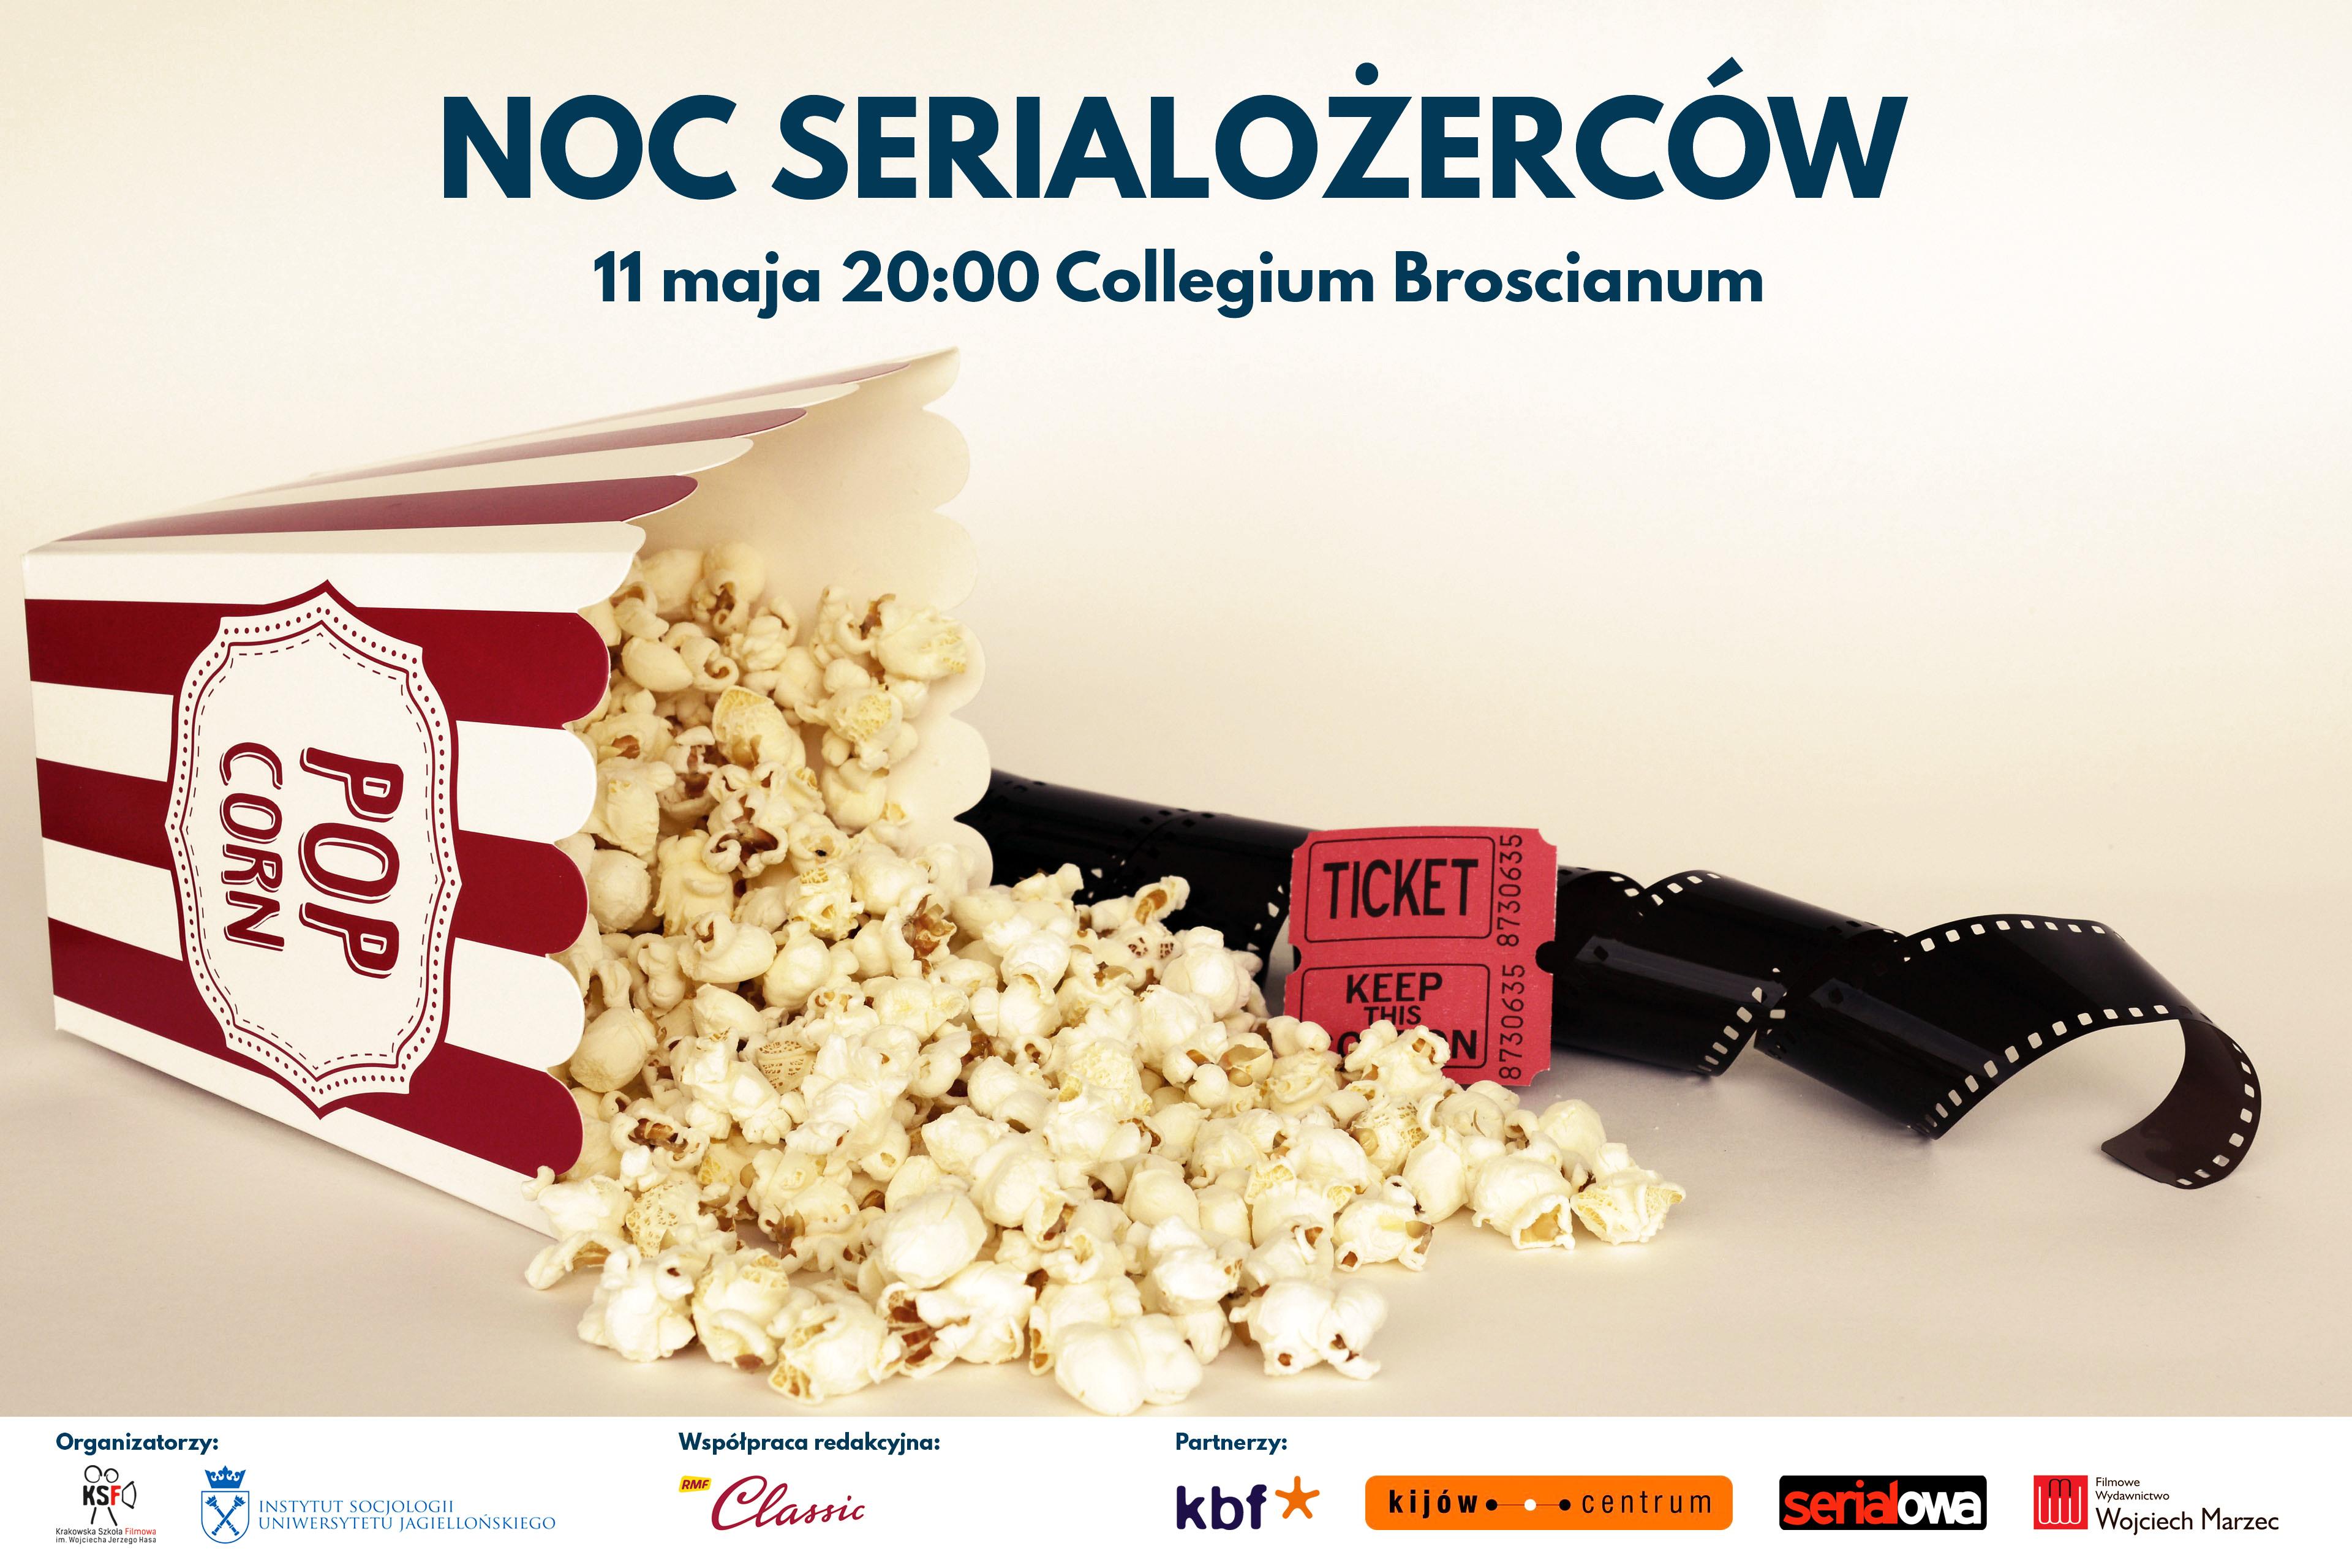 noc_serialozercow